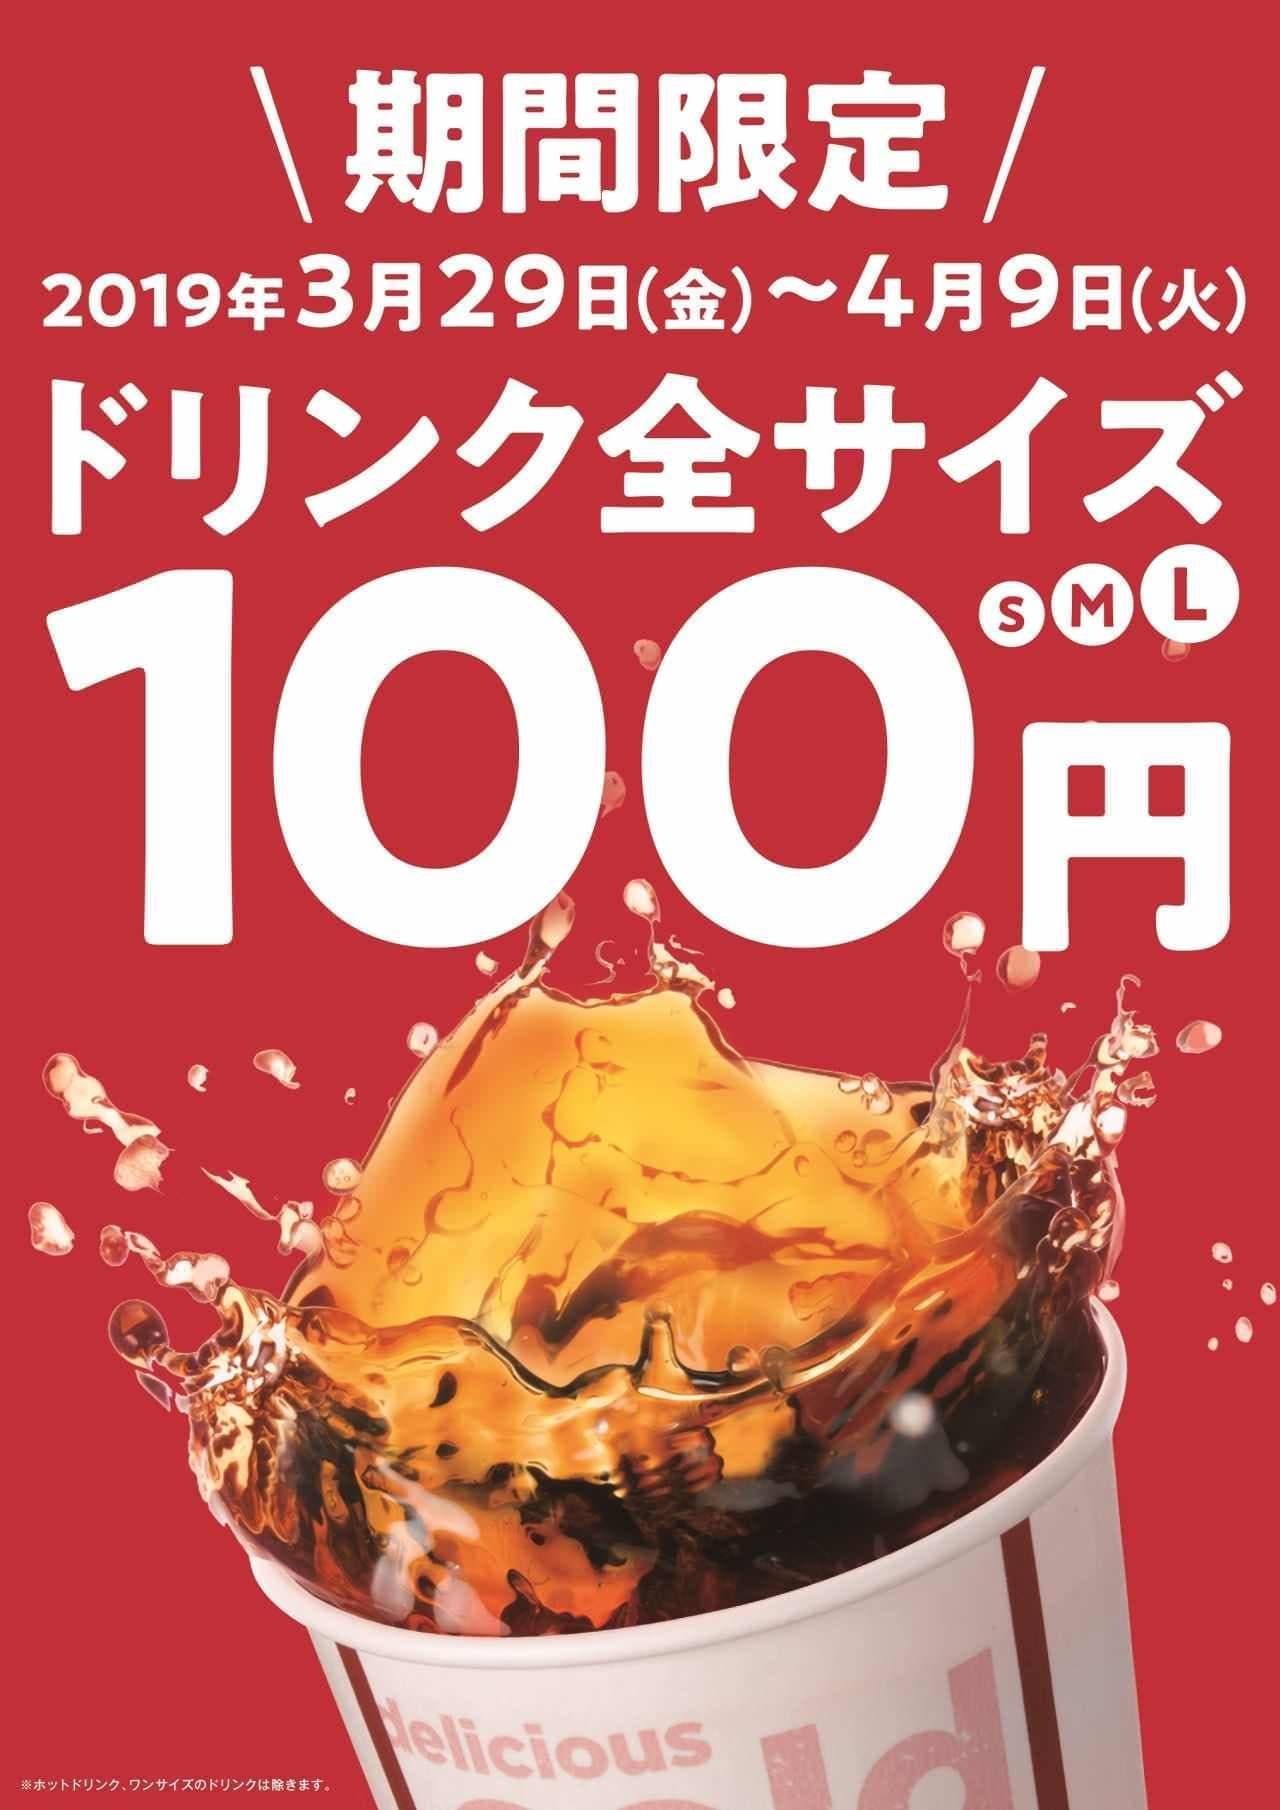 ケンタッキー・フライド・チキン「ドリンク全サイズ100円」